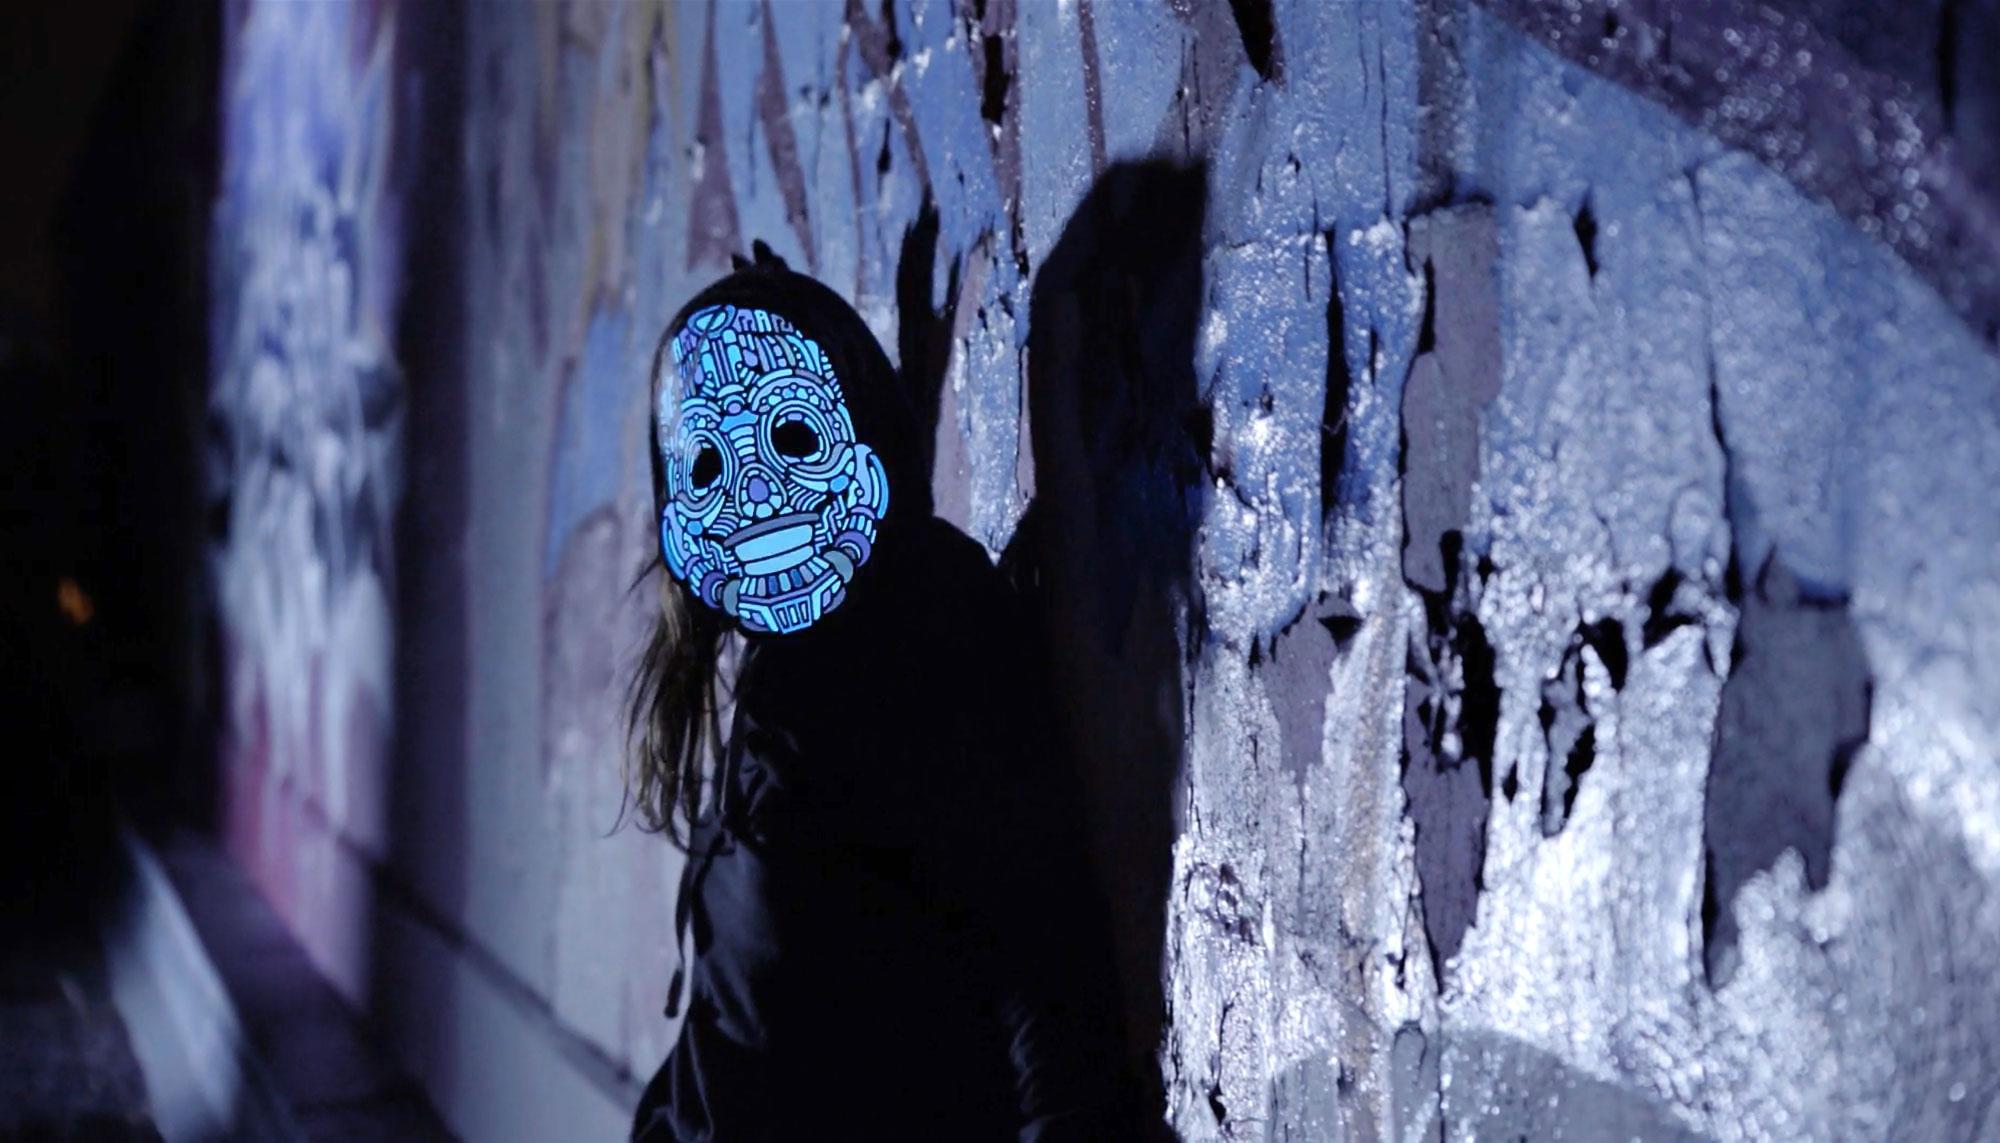 Kickstarter LED light up graphic mask design - Y,Robot.